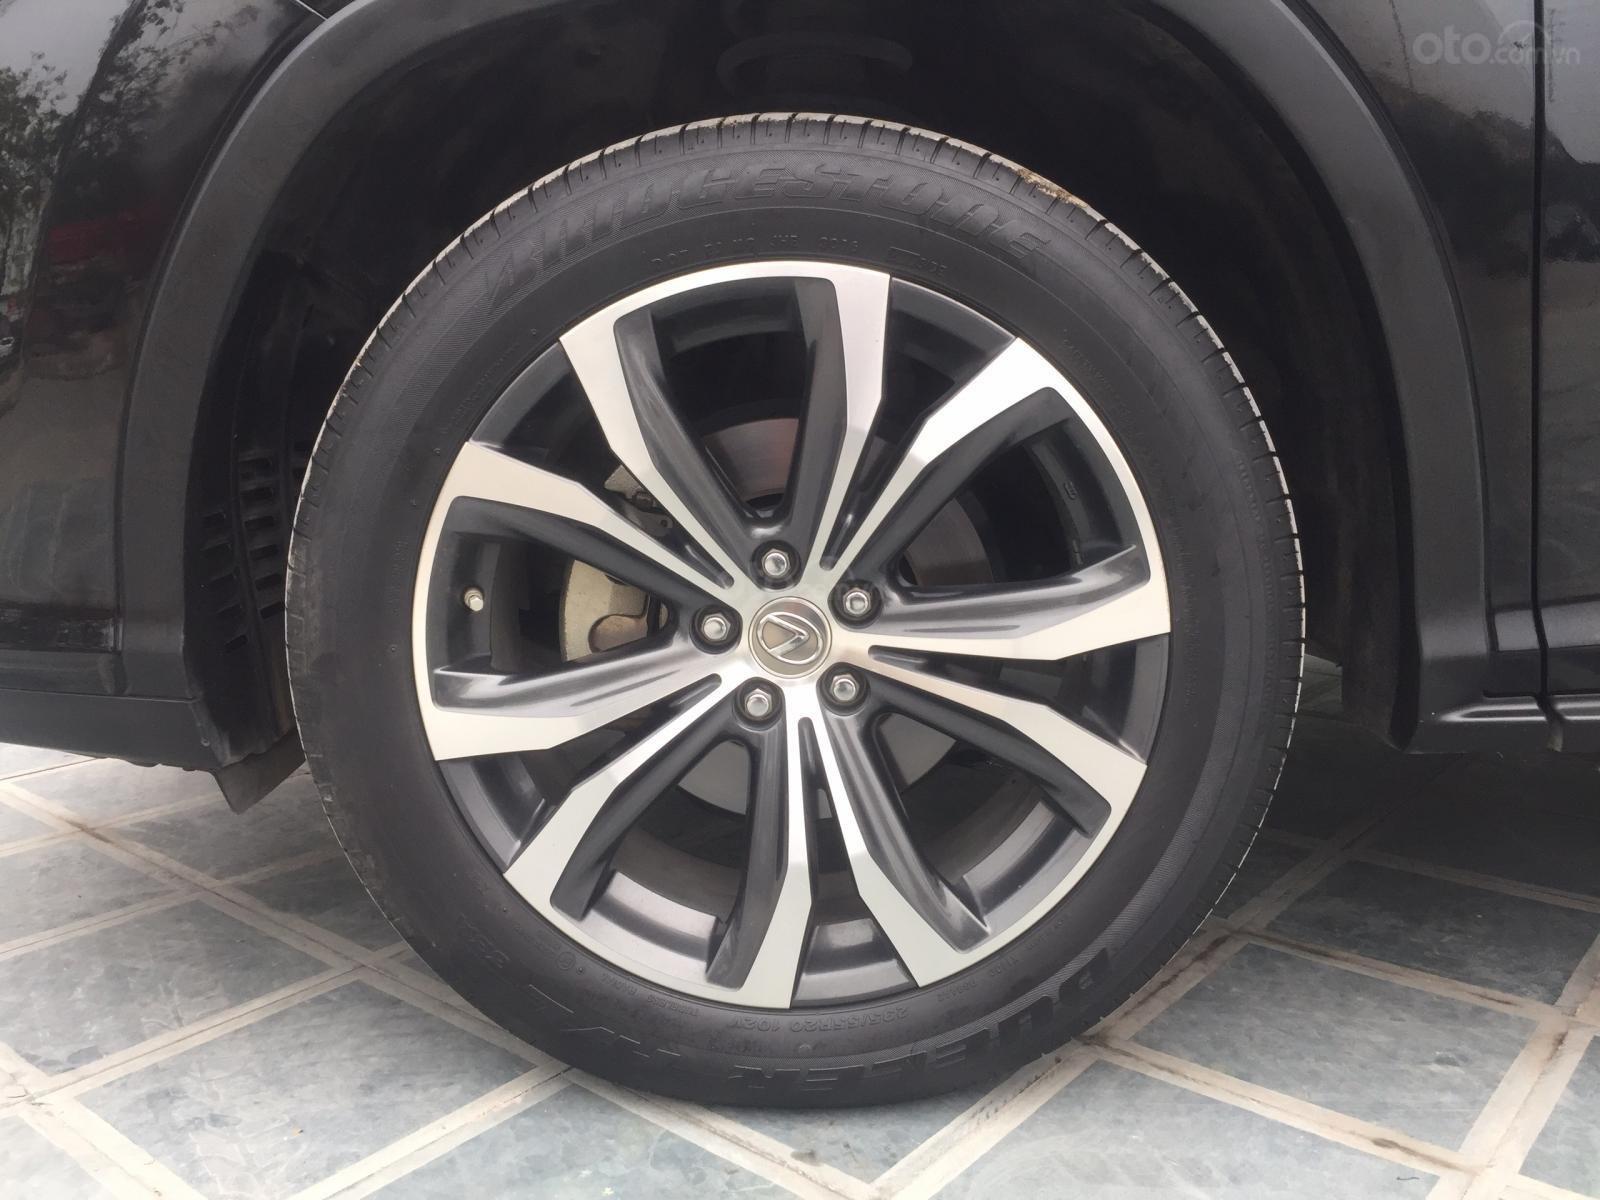 Bán Lexus RX 200T SX 2016, giá tốt giao ngay LH 094.539.2468 Ms. Hương (18)